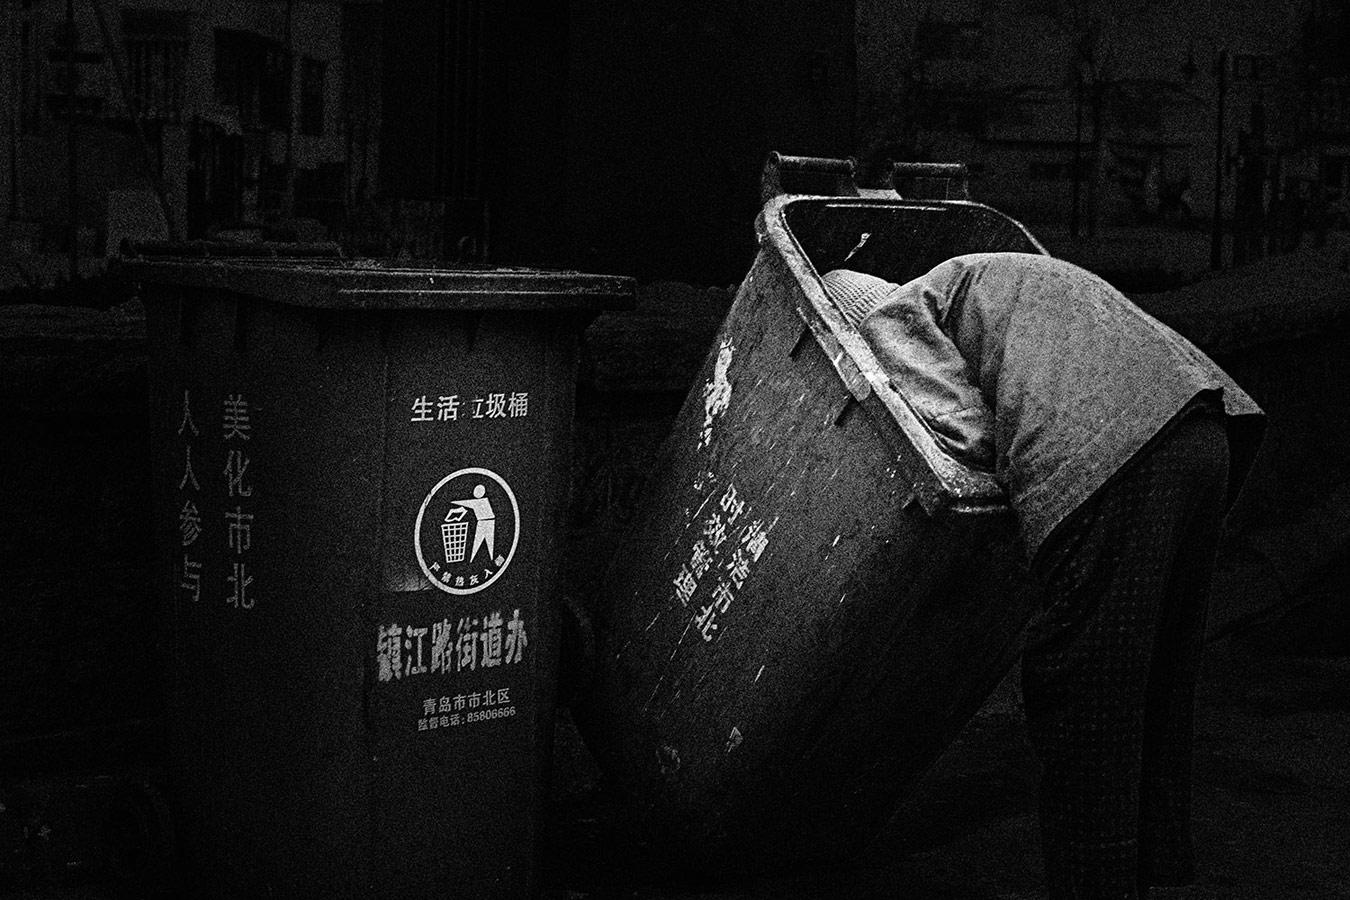 Поиск, © Сонги Суи, 3-е место в категории «Фотожурналистика / Документалистика», профессионал, Фотоконкурс «Зебра» — Zebra — Чёрно-белый фотограф года